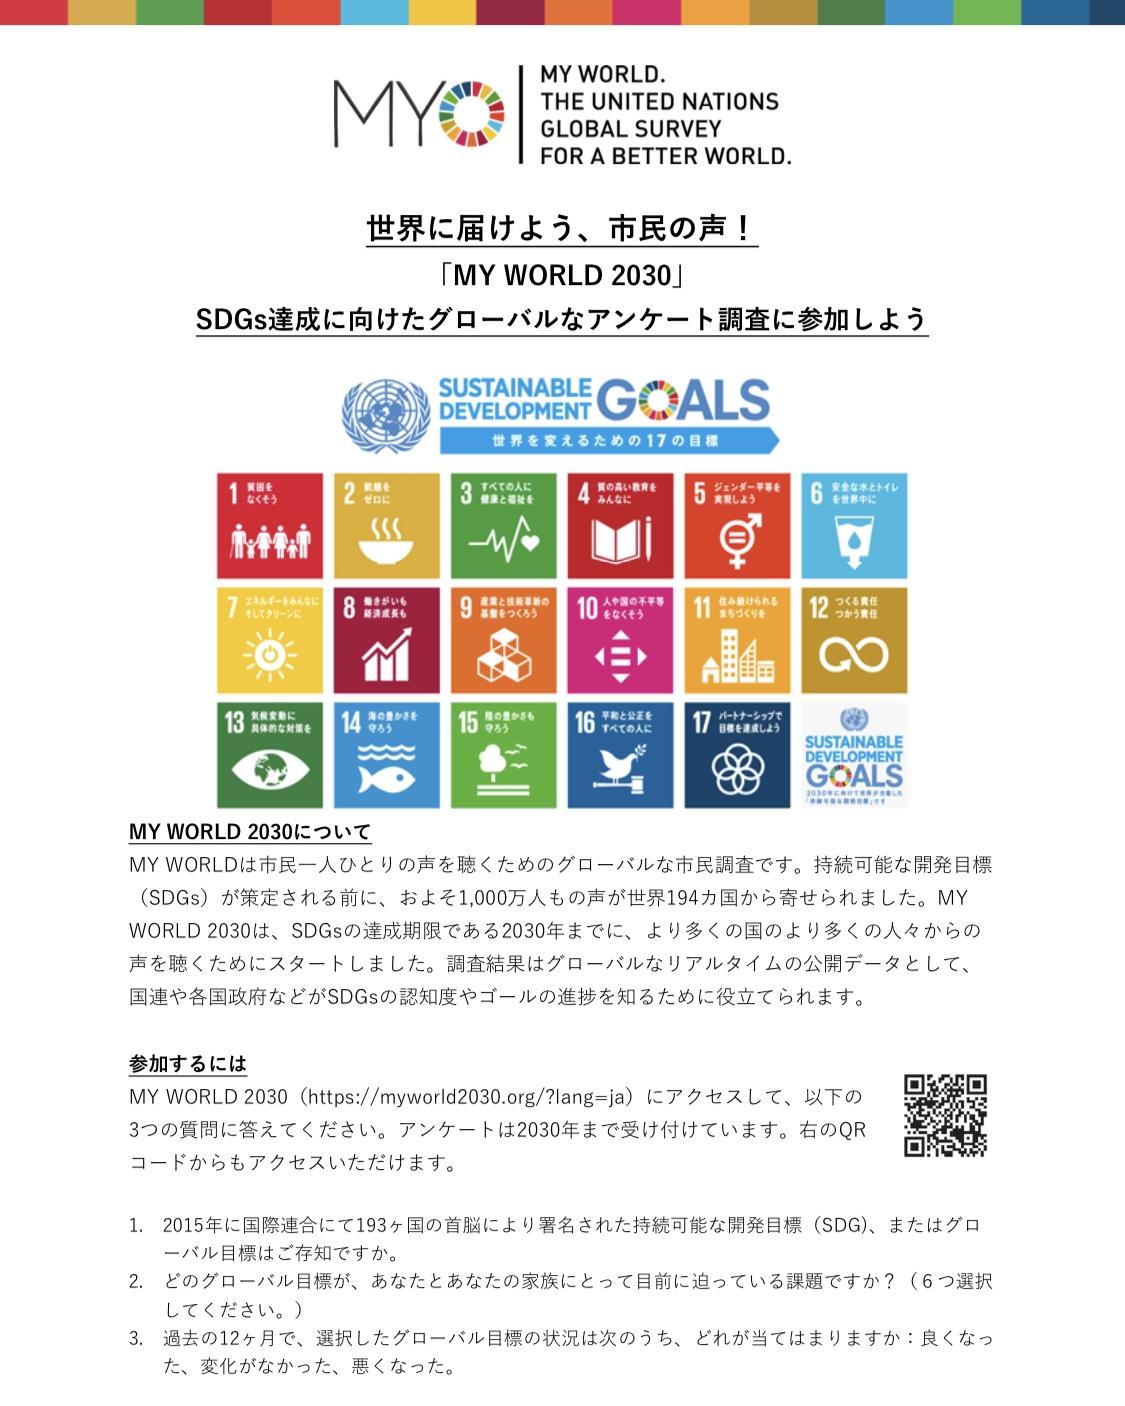 国連による、SDGsの地域や世代の取り組み格差の意見を収集するアンケートを実施中!